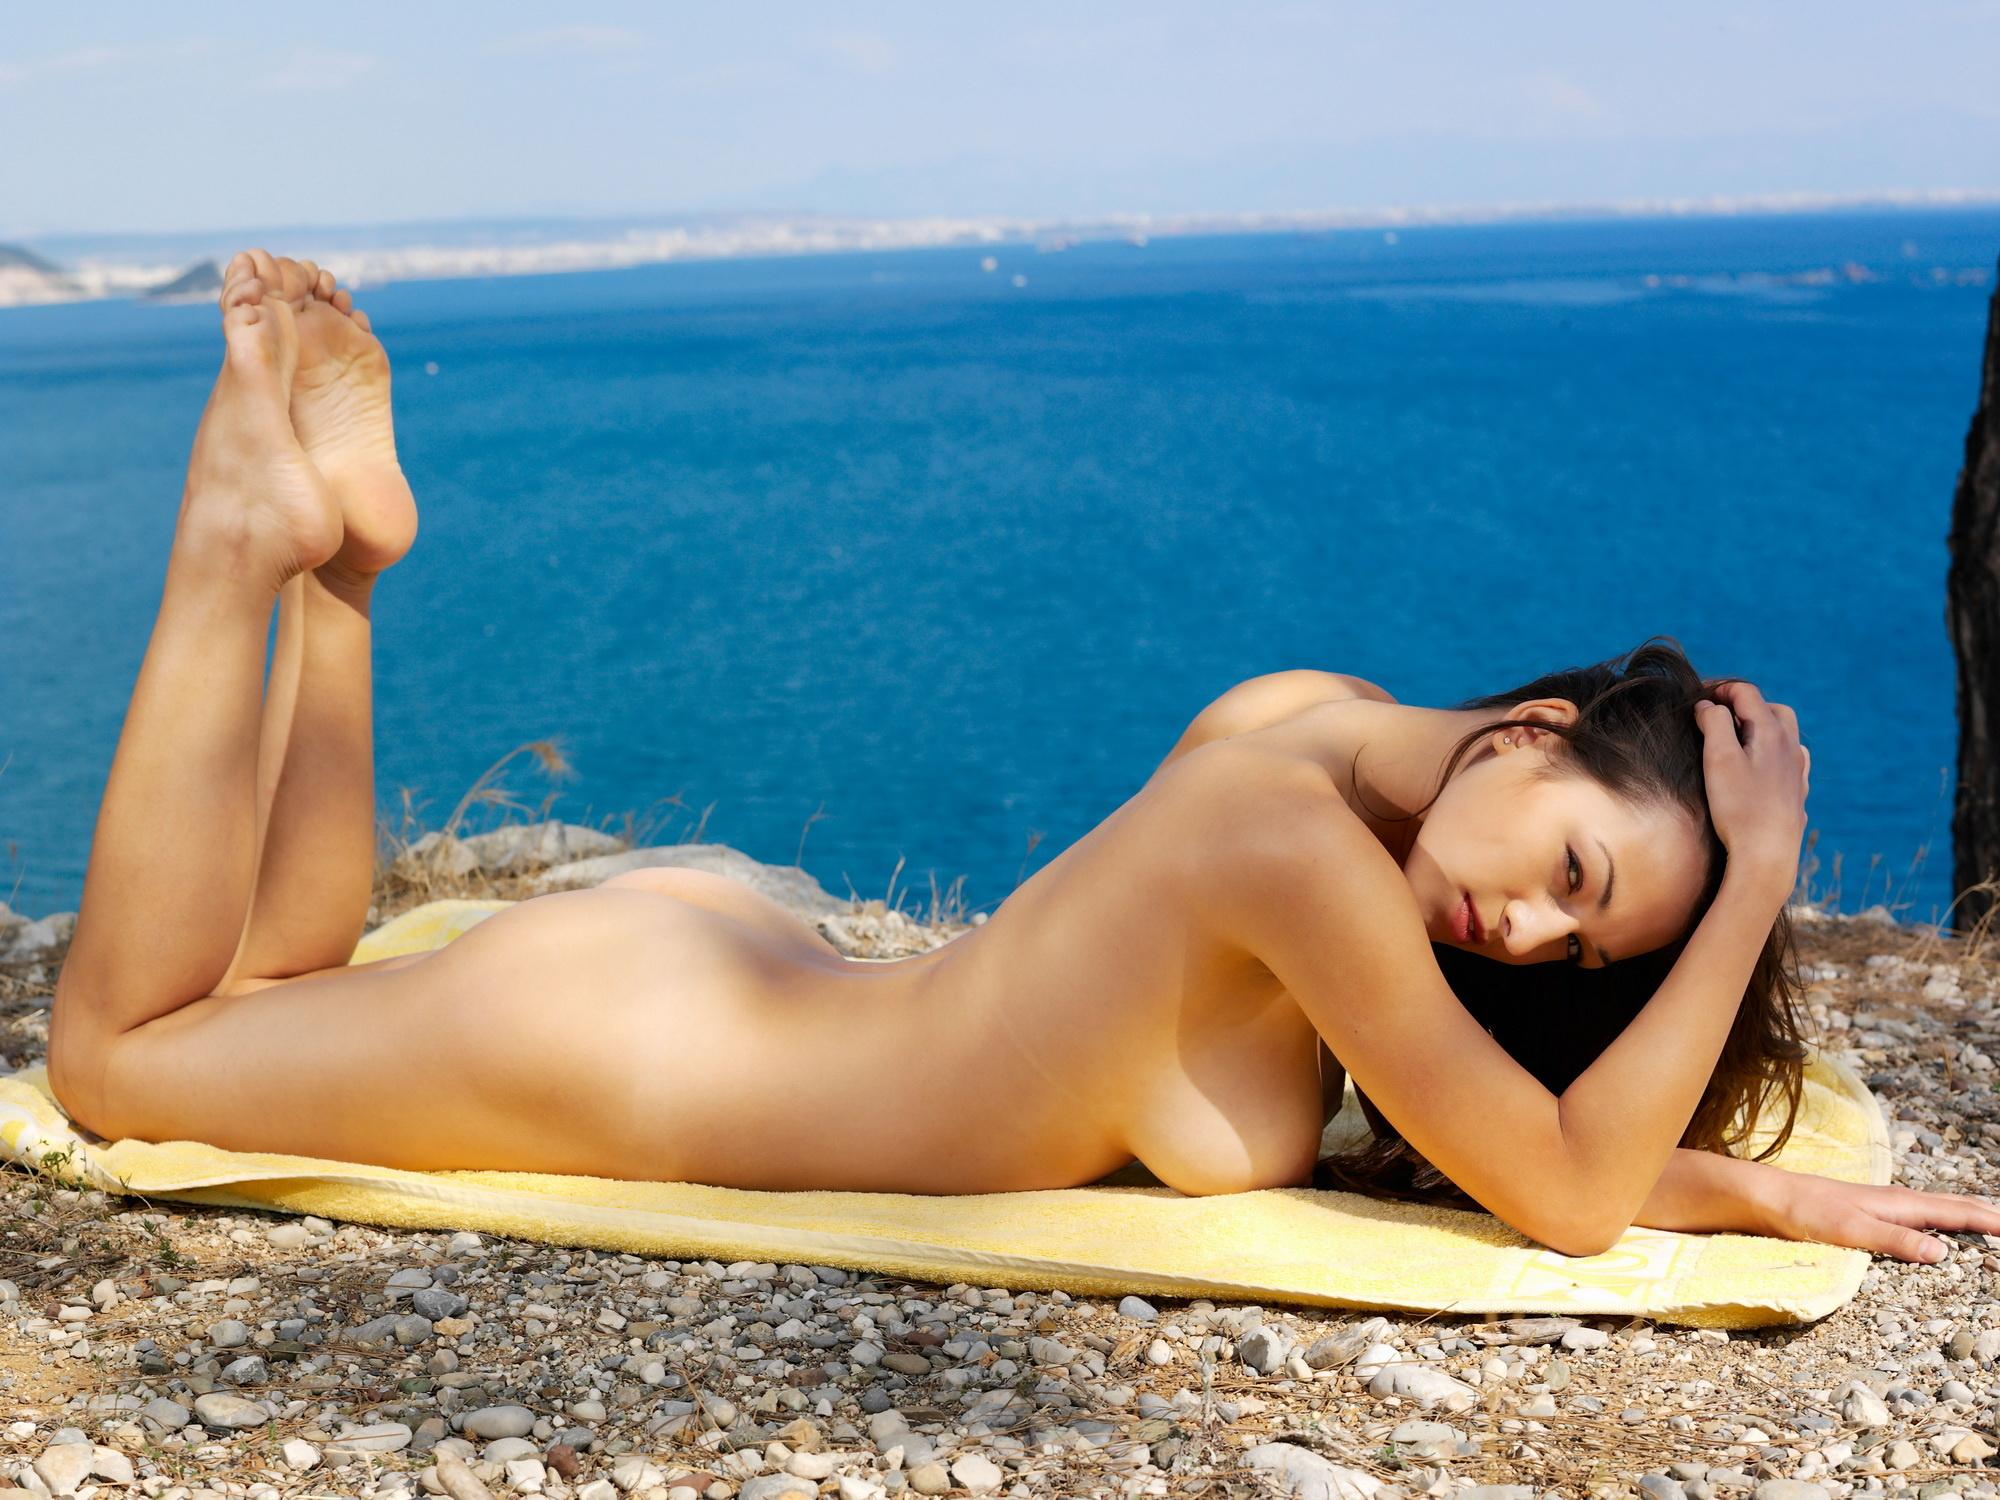 Naked at the sea